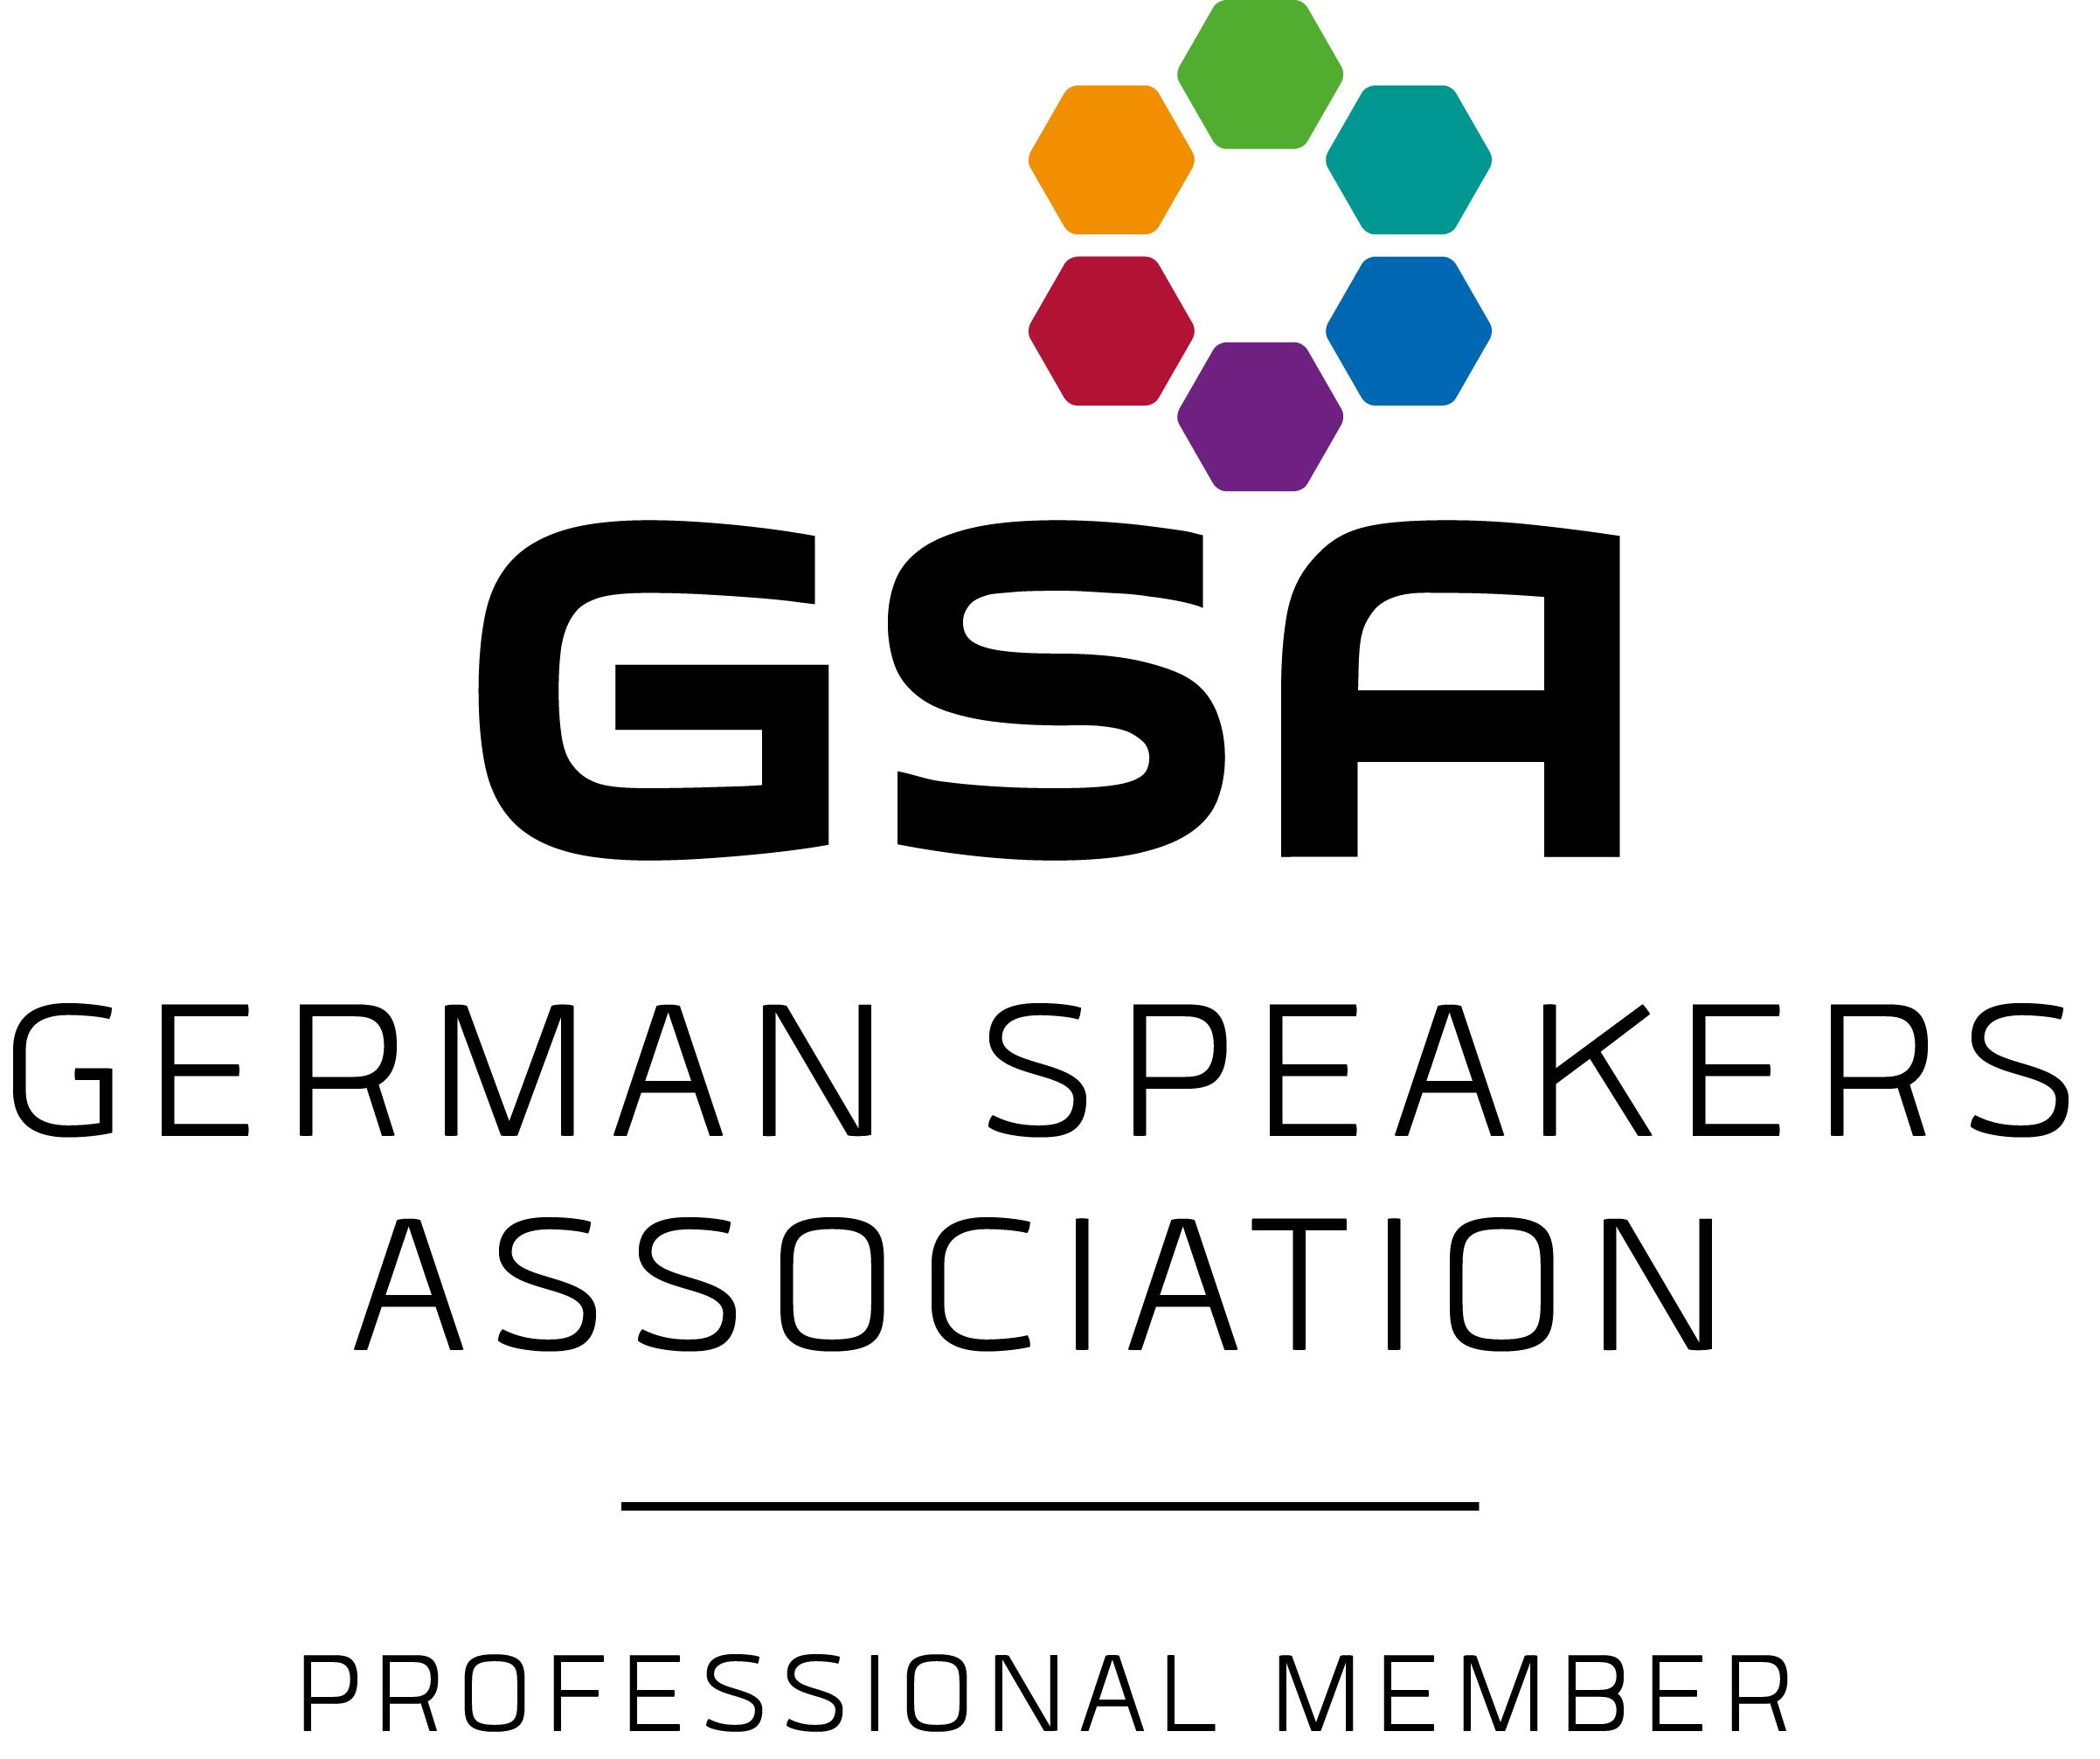 Manfred Ritschard ist seit 2013 Mitglied bei der grössten Rednervereinigung Europas in der Kategorie